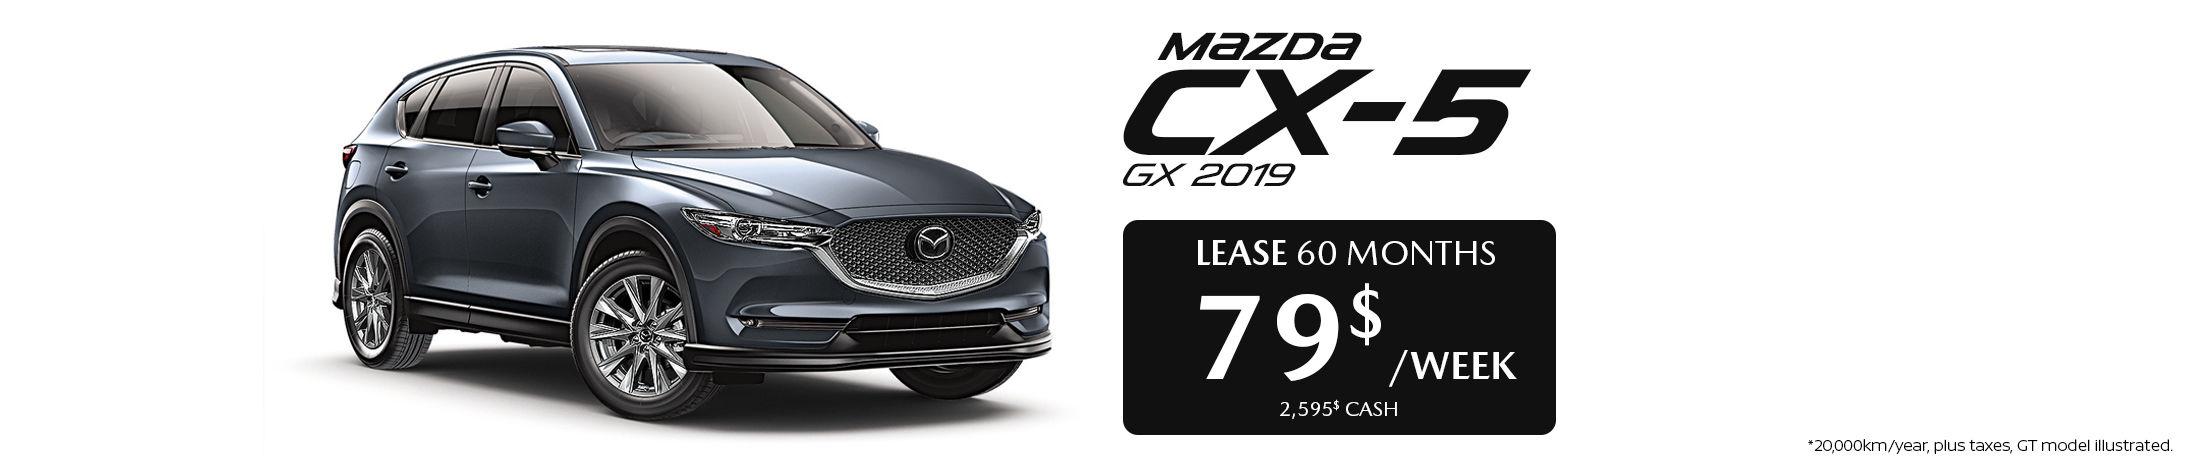 Mazda CX-5 2019 (Copy)